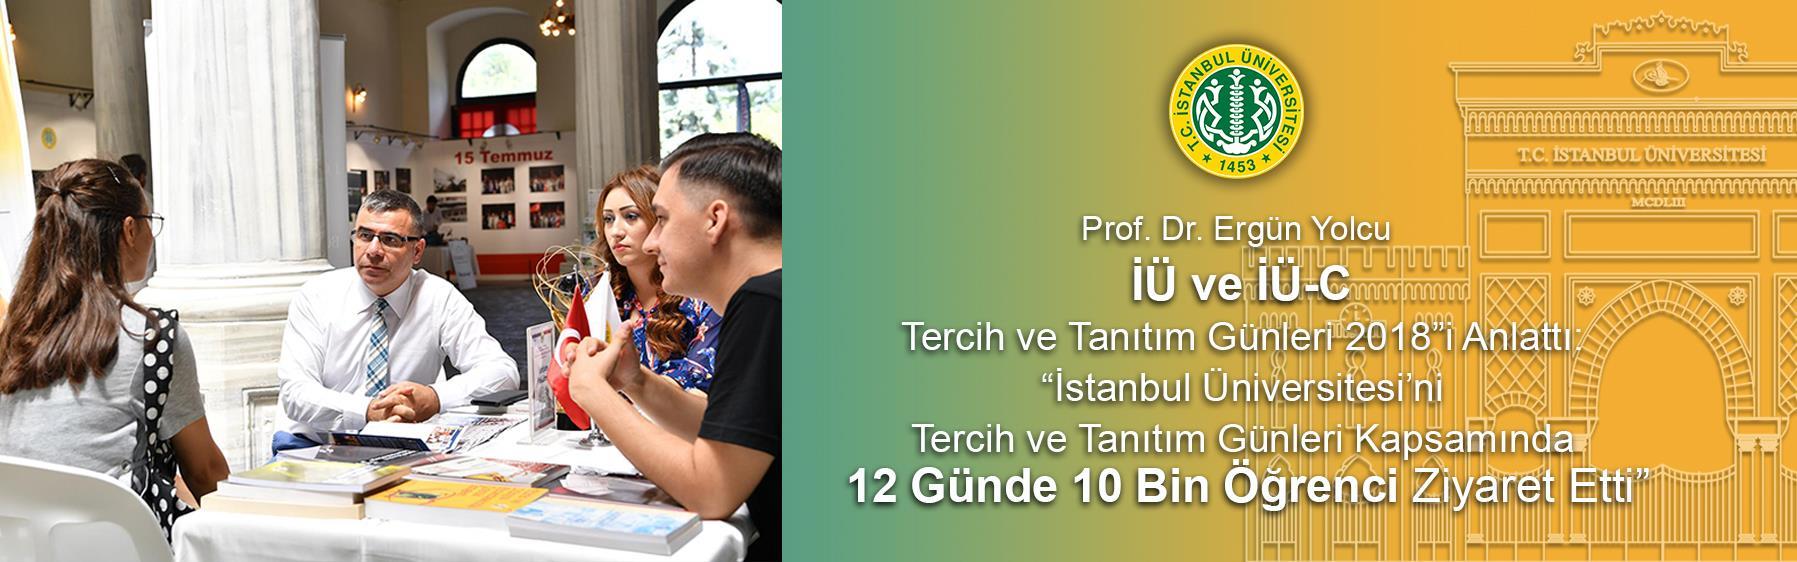 """Prof.-Dr.-Ergün-Yolcu-""""İÜ-ve-İÜ-C-Tercih-ve-Tanıtım-Günleri-2018""""i-Anlattı:-""""İstanbul-Üniversitesi'ni-Tercih-ve-Tanıtım-Günleri-Kapsamında-12-Günde-10-Bin-Öğrenci-Ziyaret-Etti"""""""